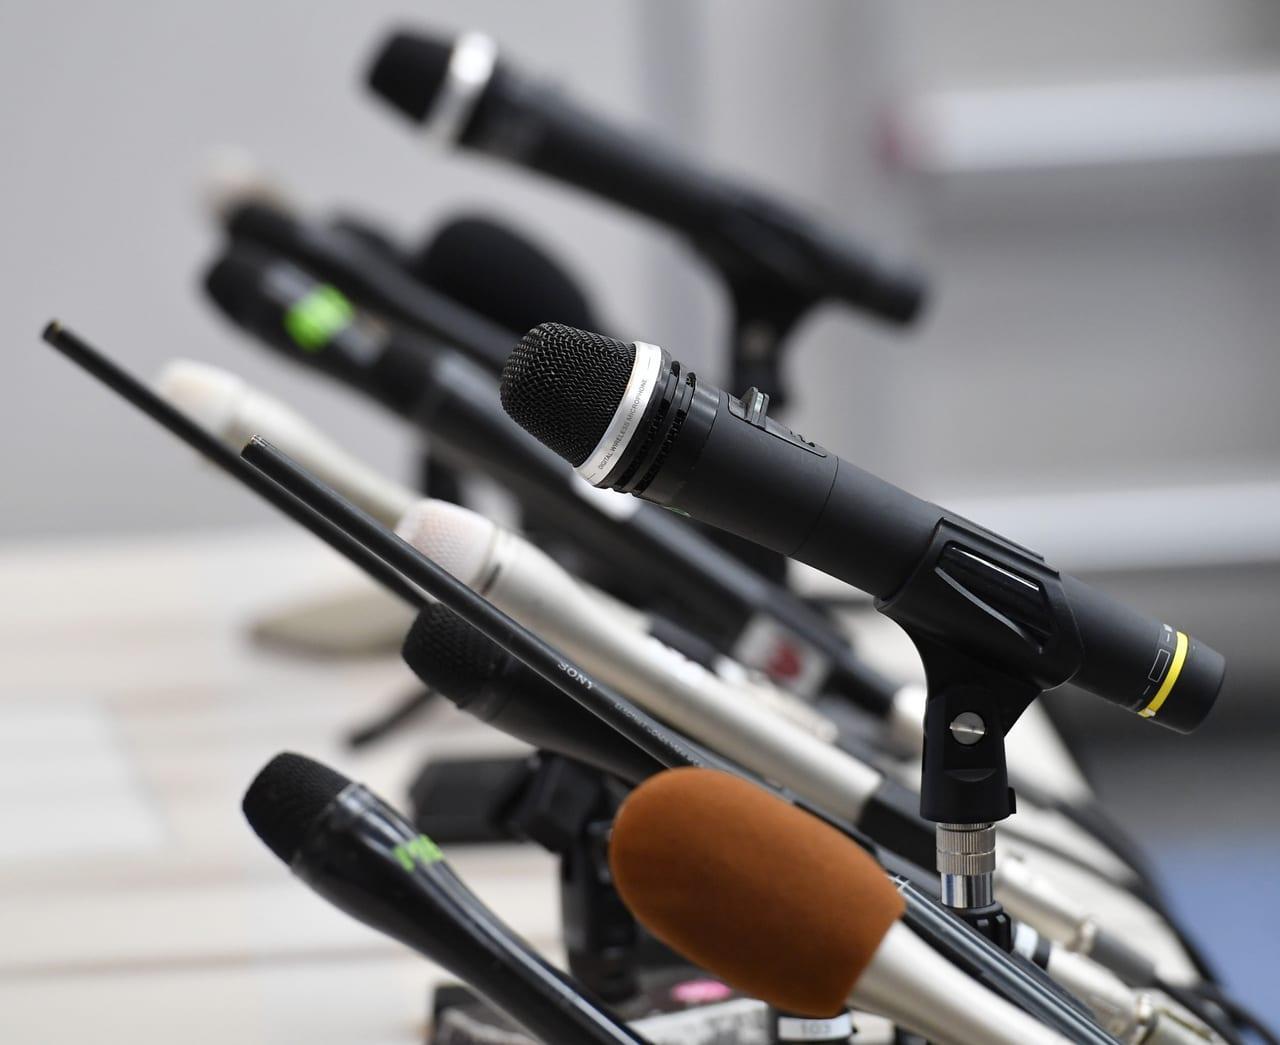 神戸市垂水区 須磨区 実現したら新たに15万円 議員らが定額給付金の要望 5万追加の計15万提案 号外net 神戸市垂水区 須磨区